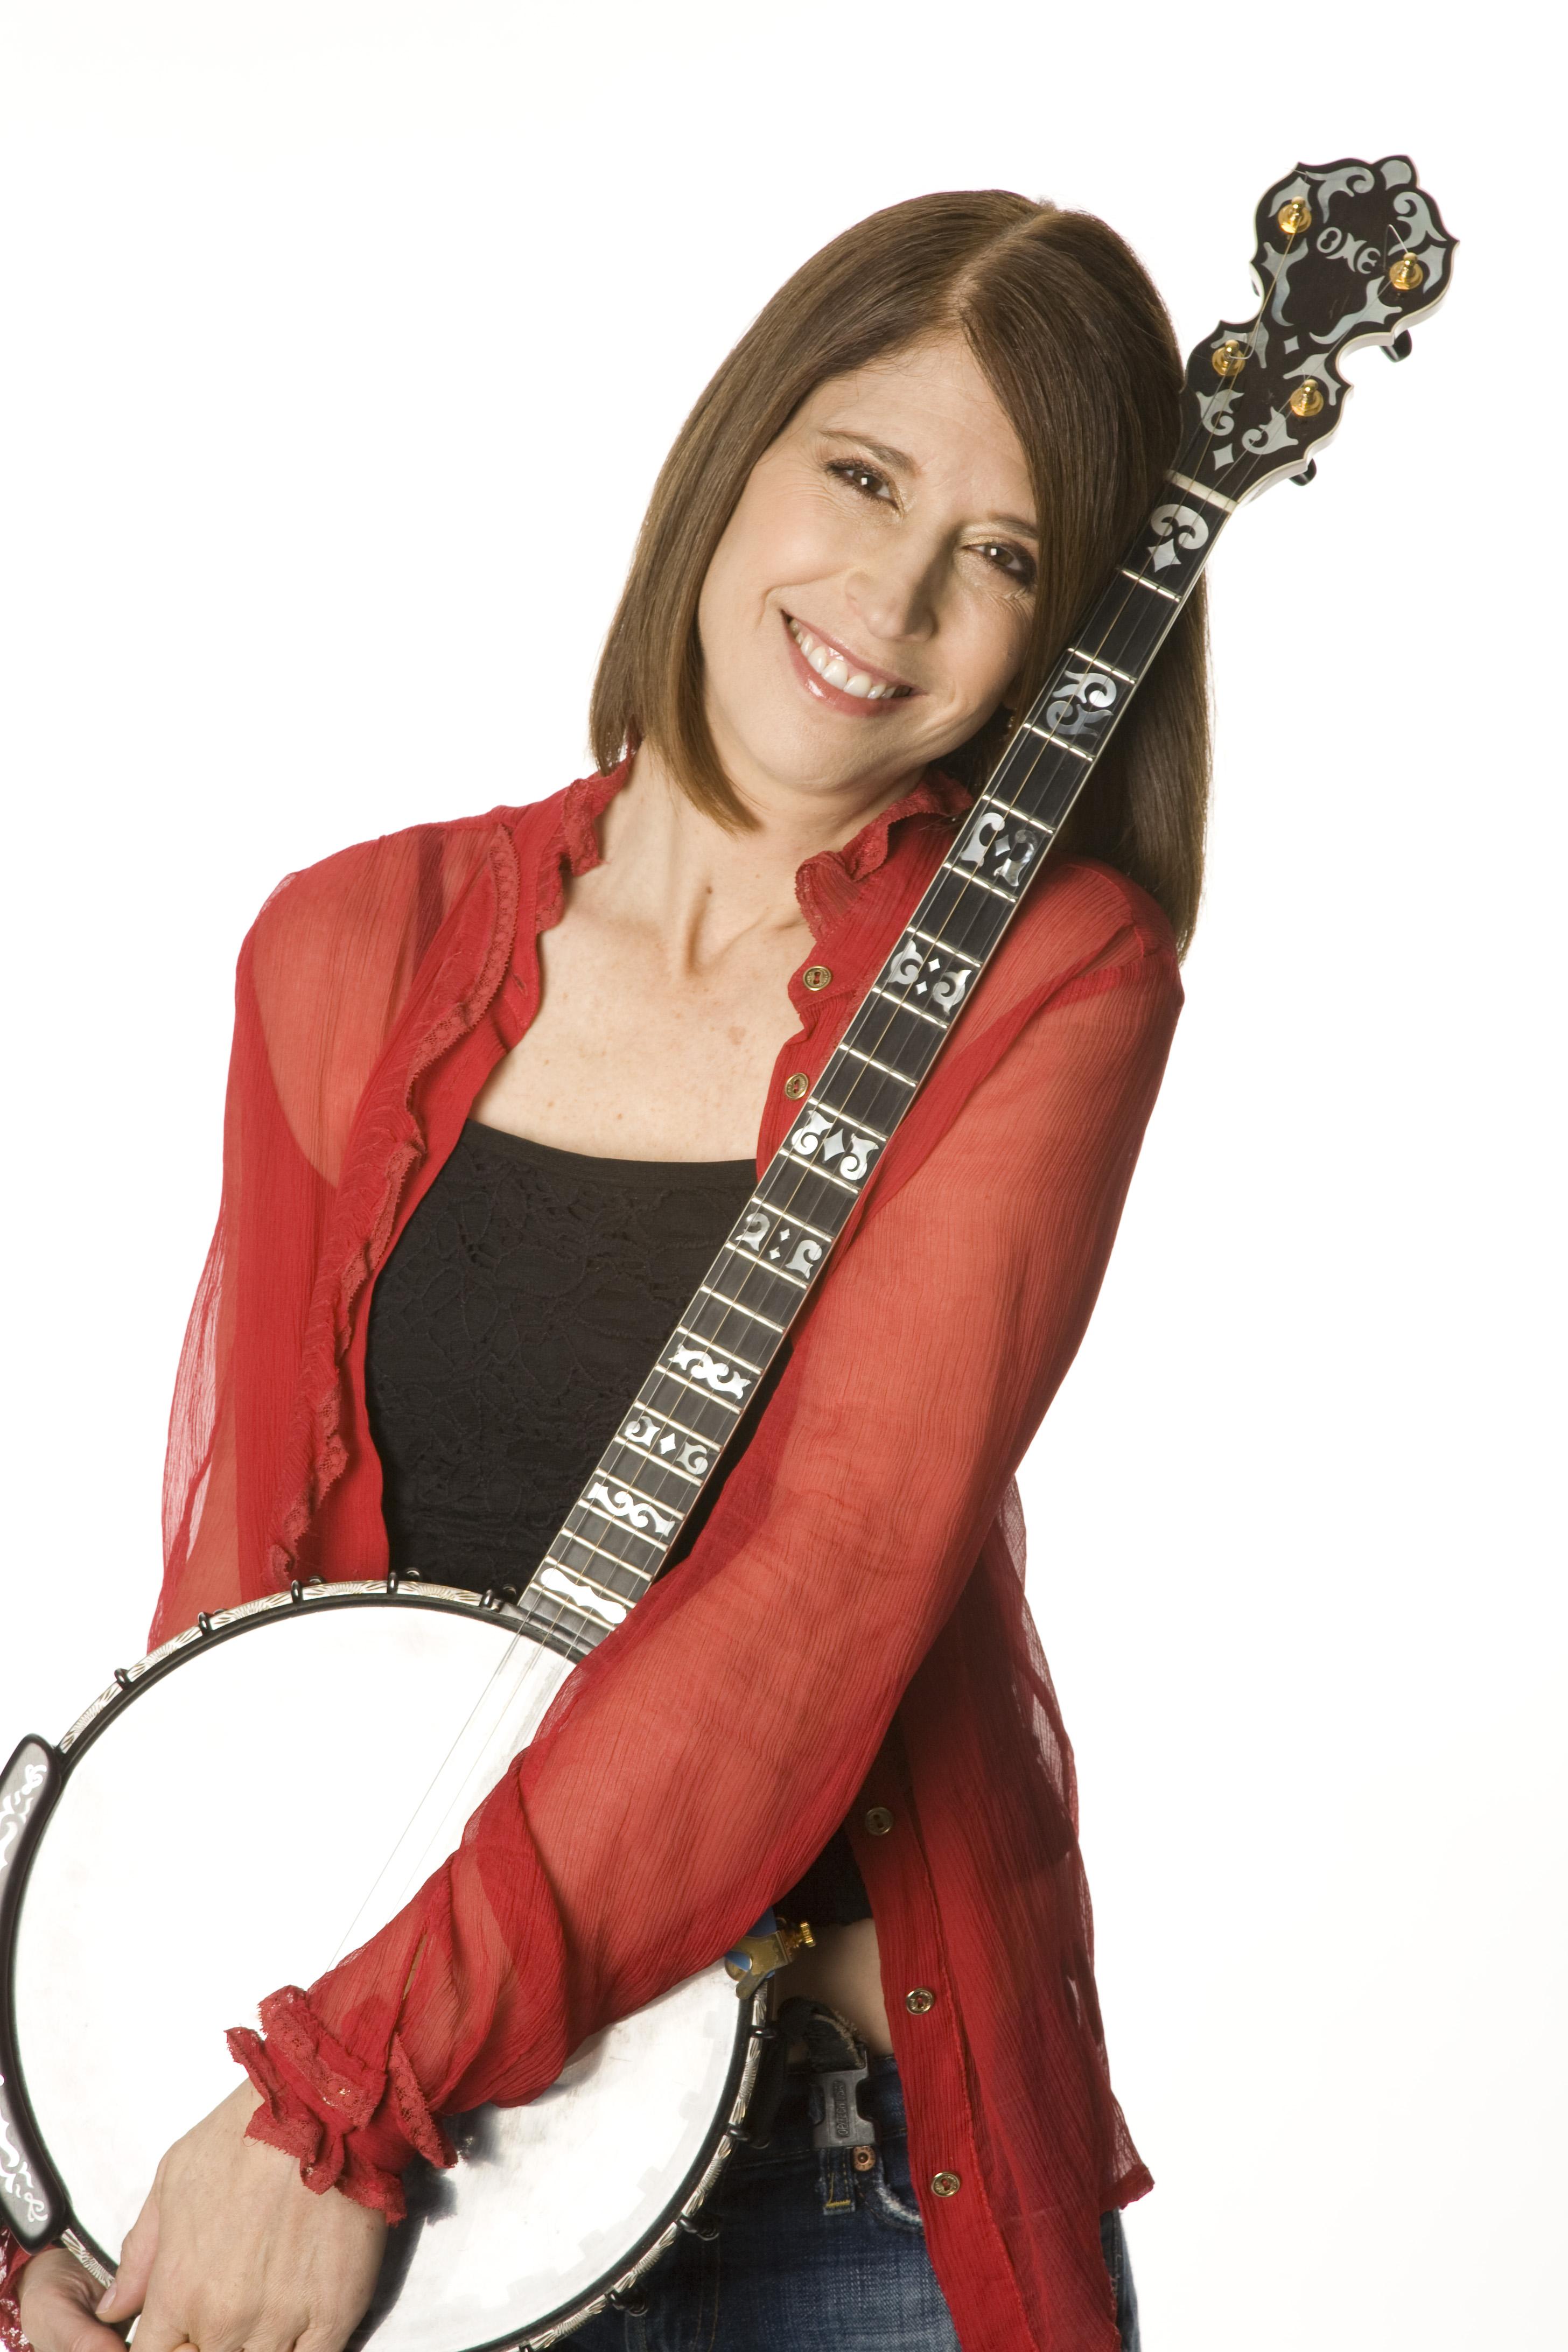 Jazz banjoist cynthia sayer